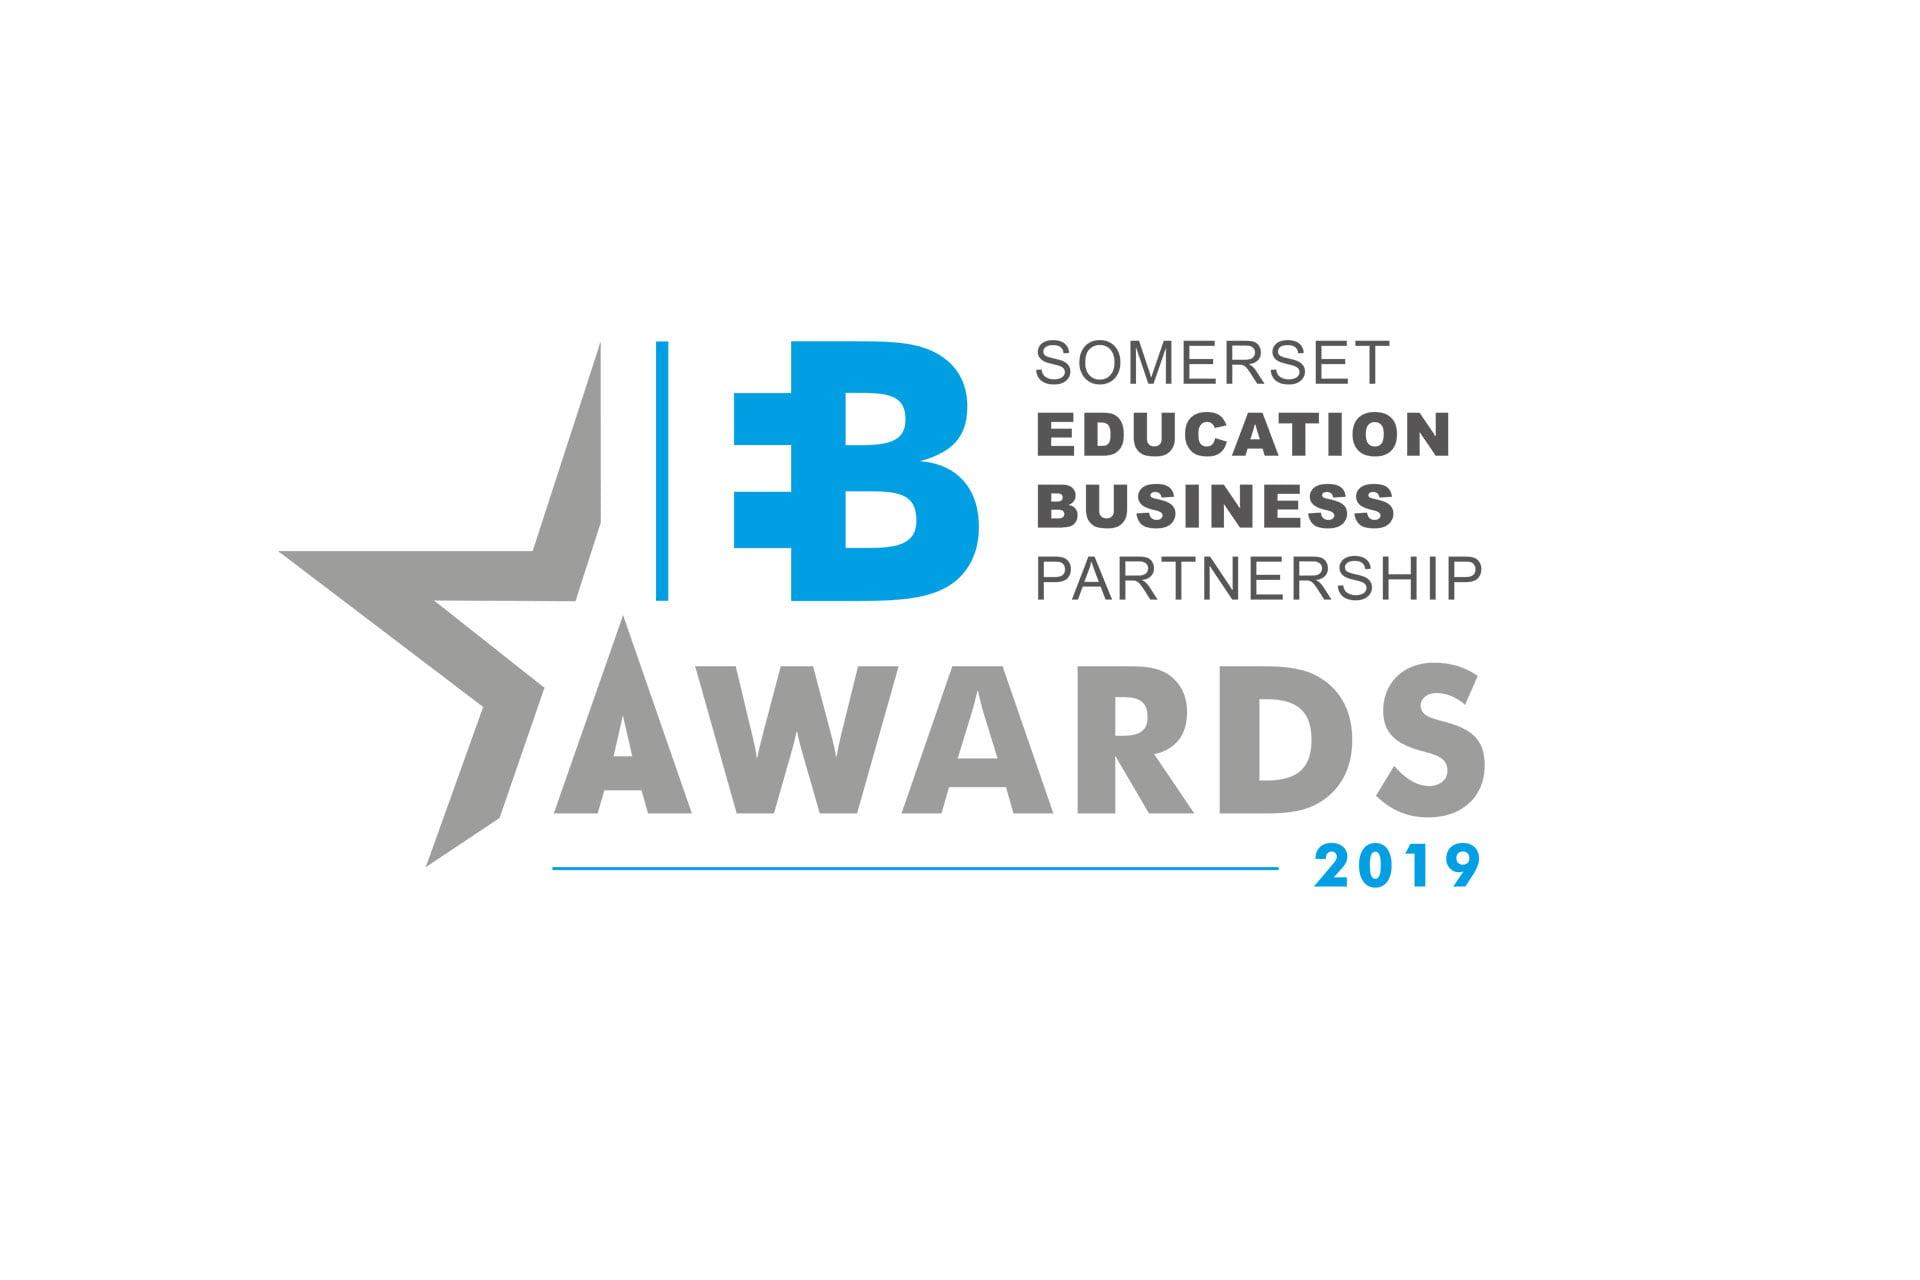 SEBP-Awards-logo-design-bridgwater-somerset